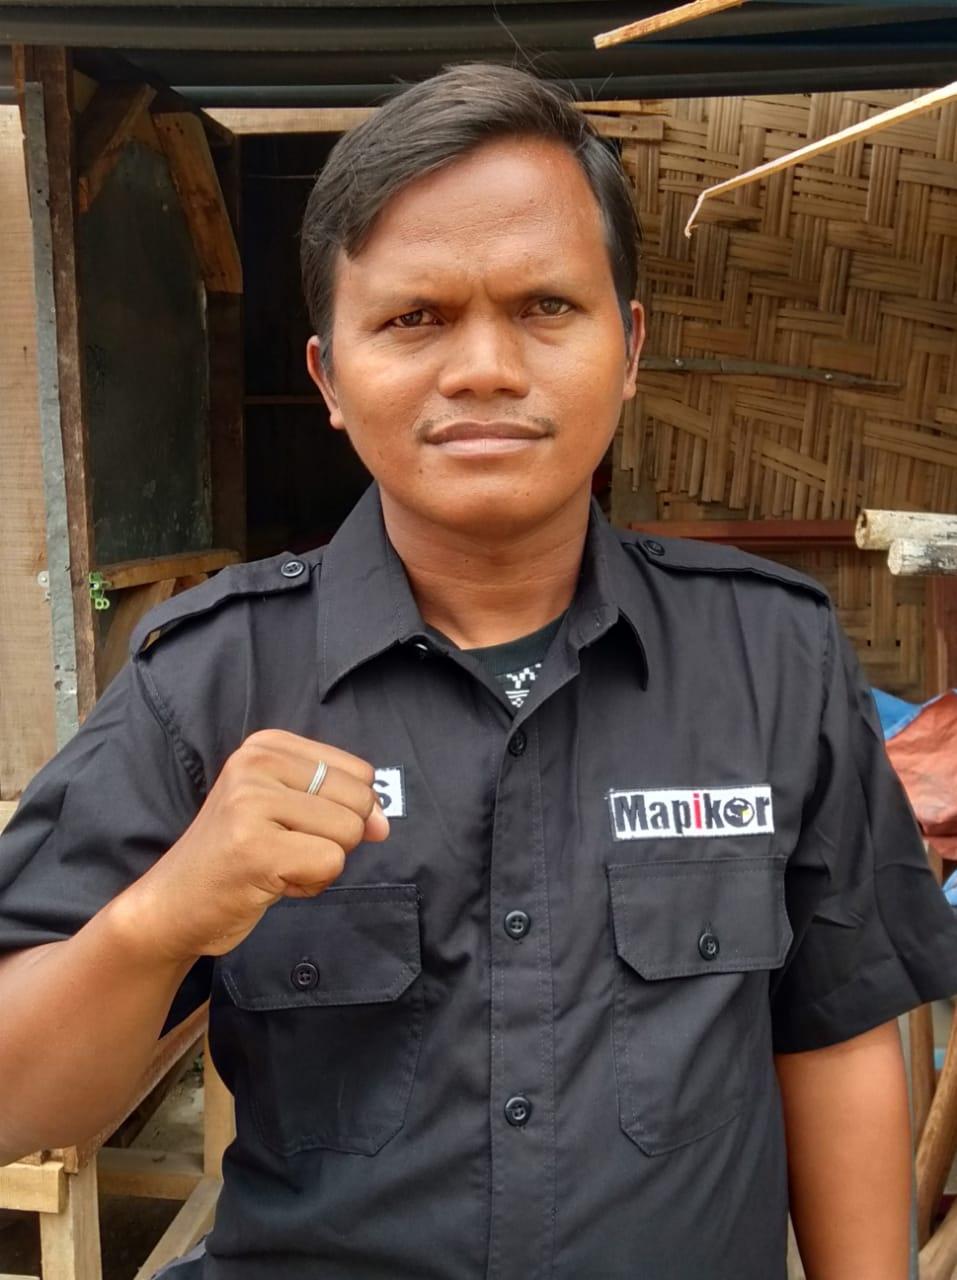 Lsm Indonesia Investigasi Korupsi Iik Deli Serdang Rekanan Proyek Pembangunan Kantor Camat Delitua Harus Diberi Sanksi Poskotasumatera Com